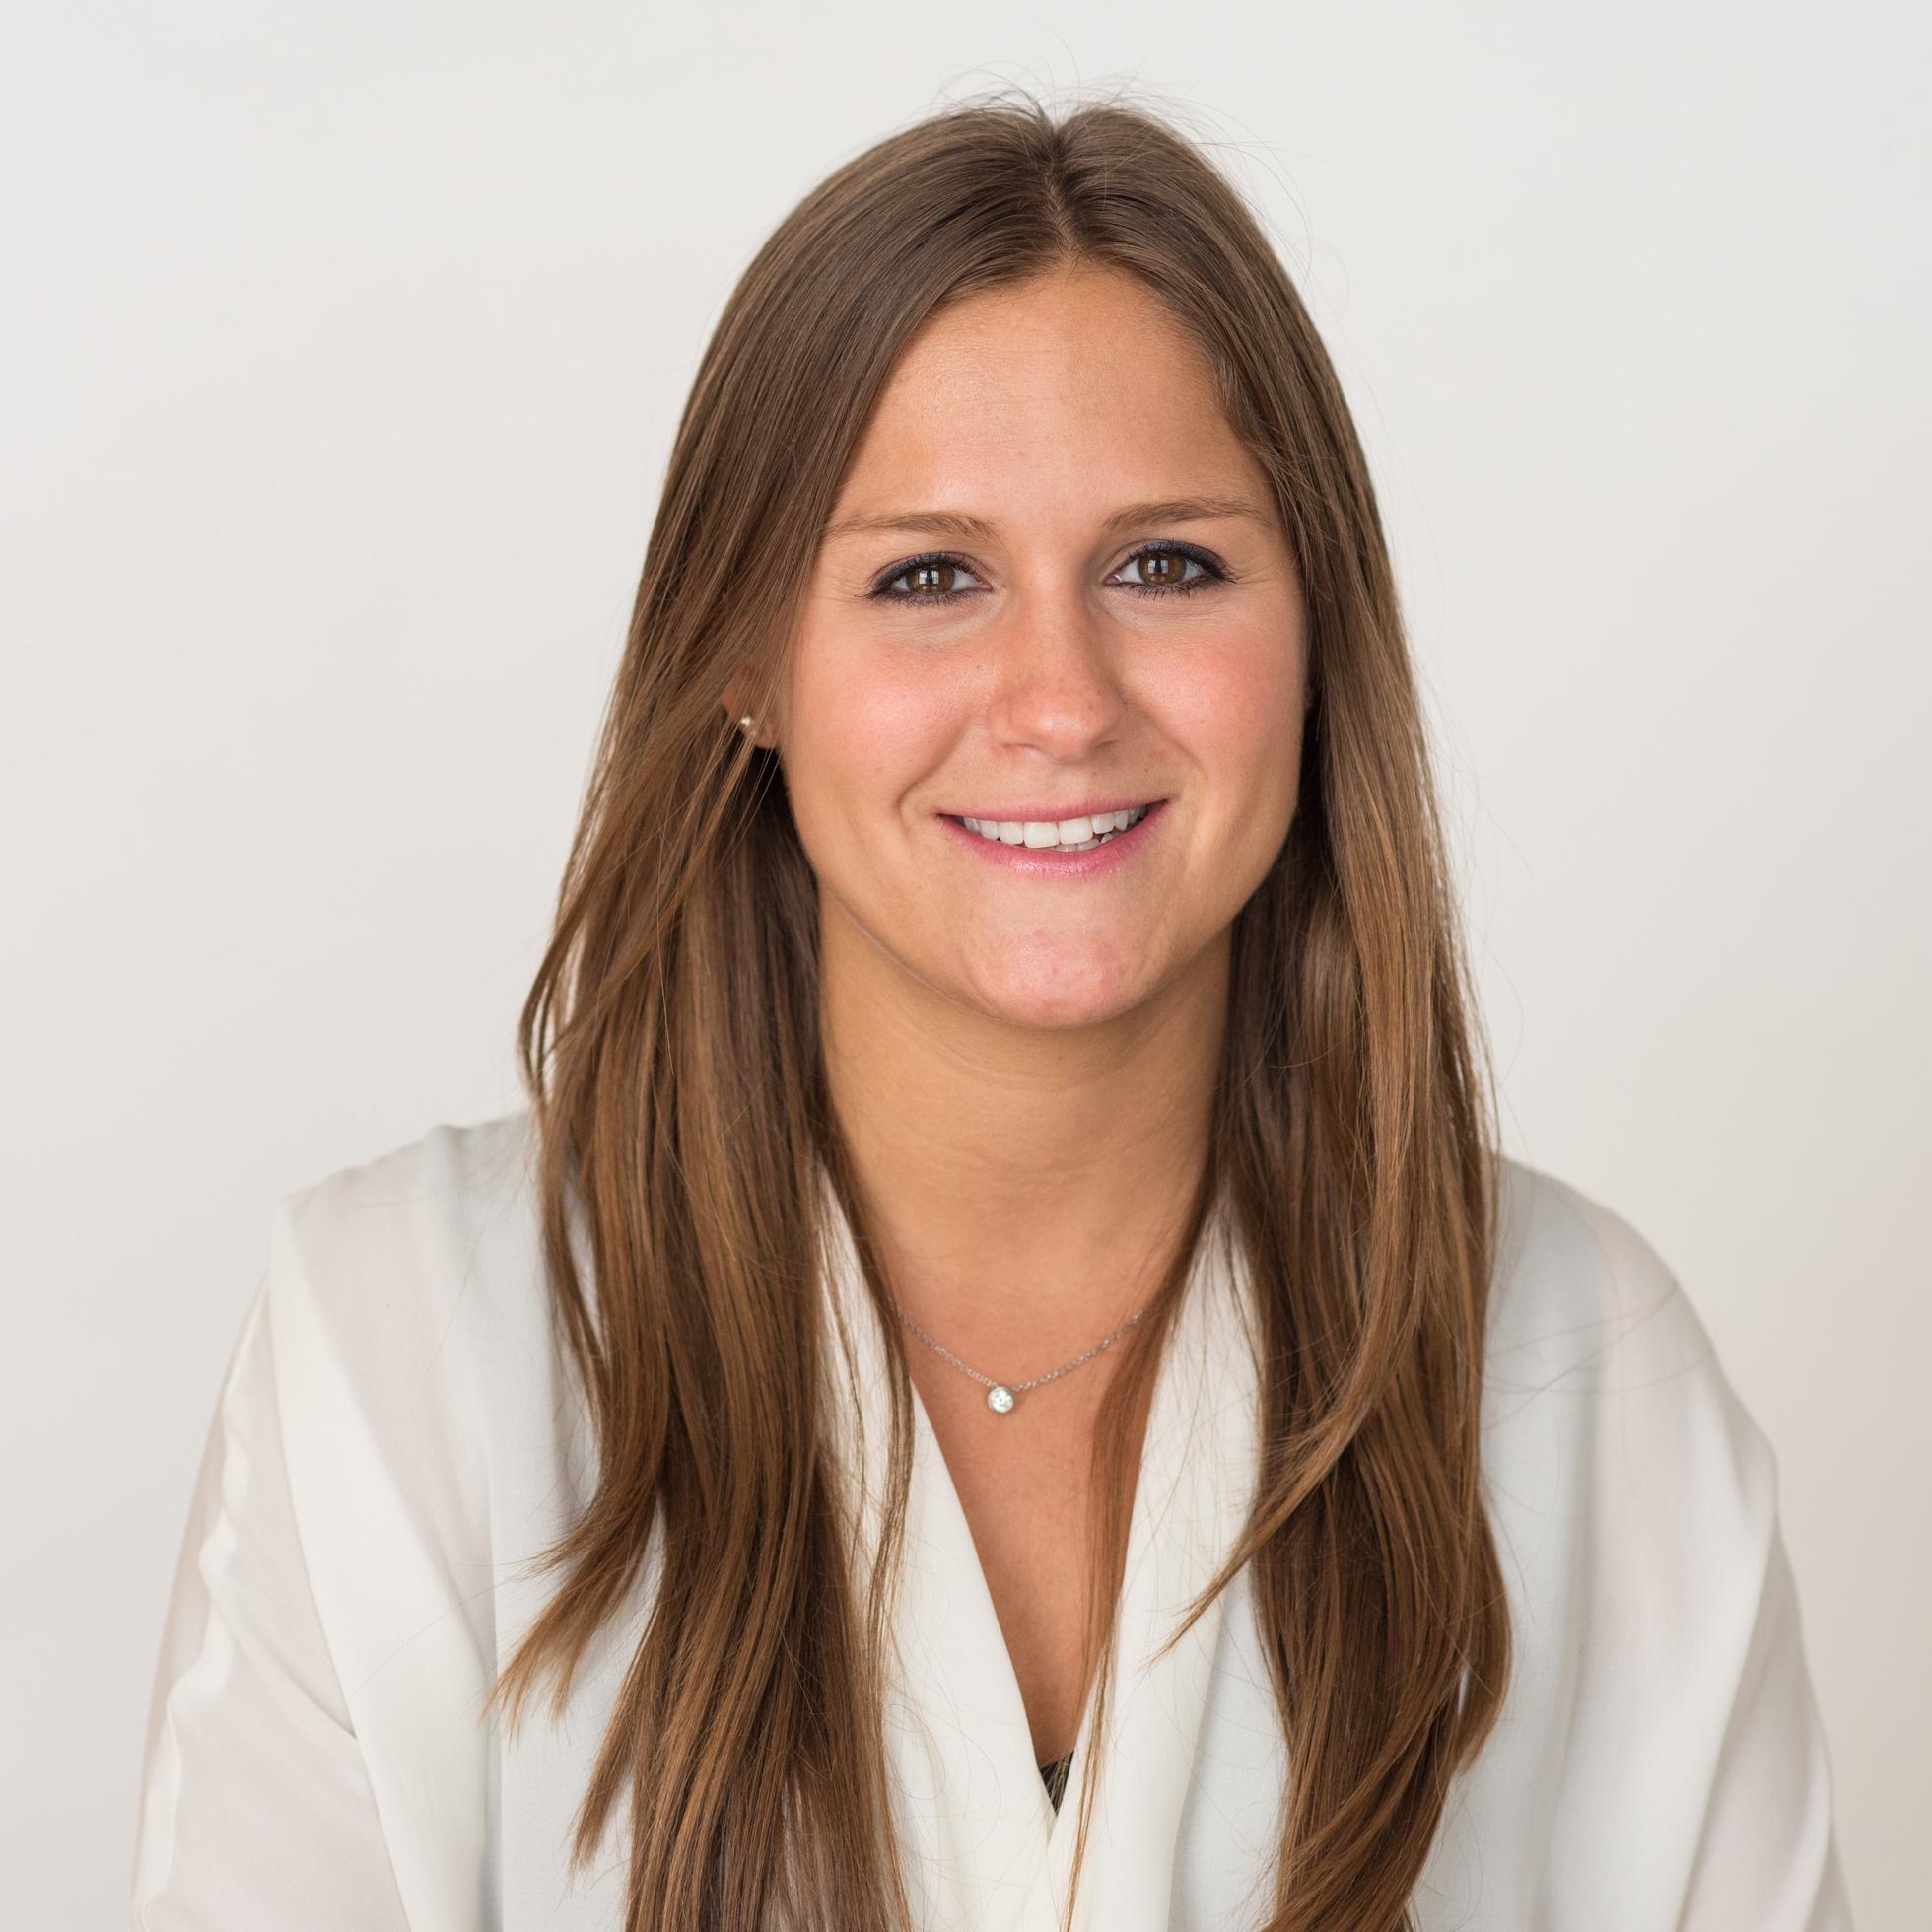 Danielle-Siegel-Mancini